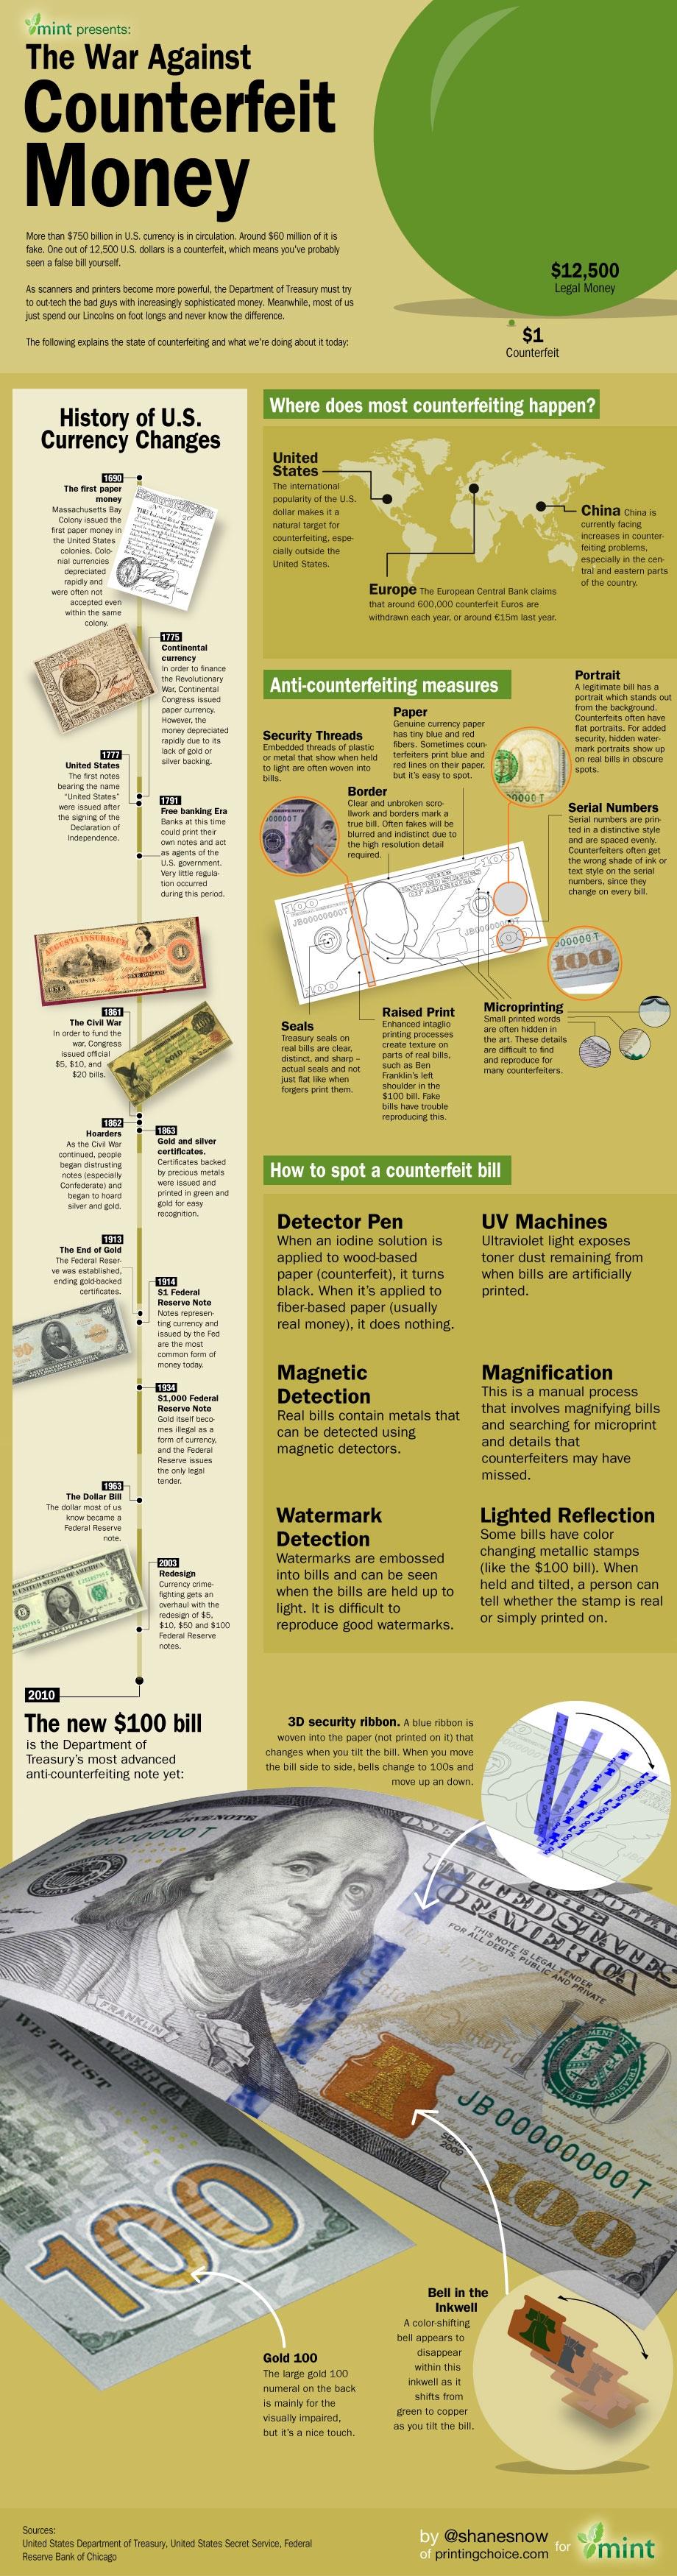 Counterfeit Money Infographic